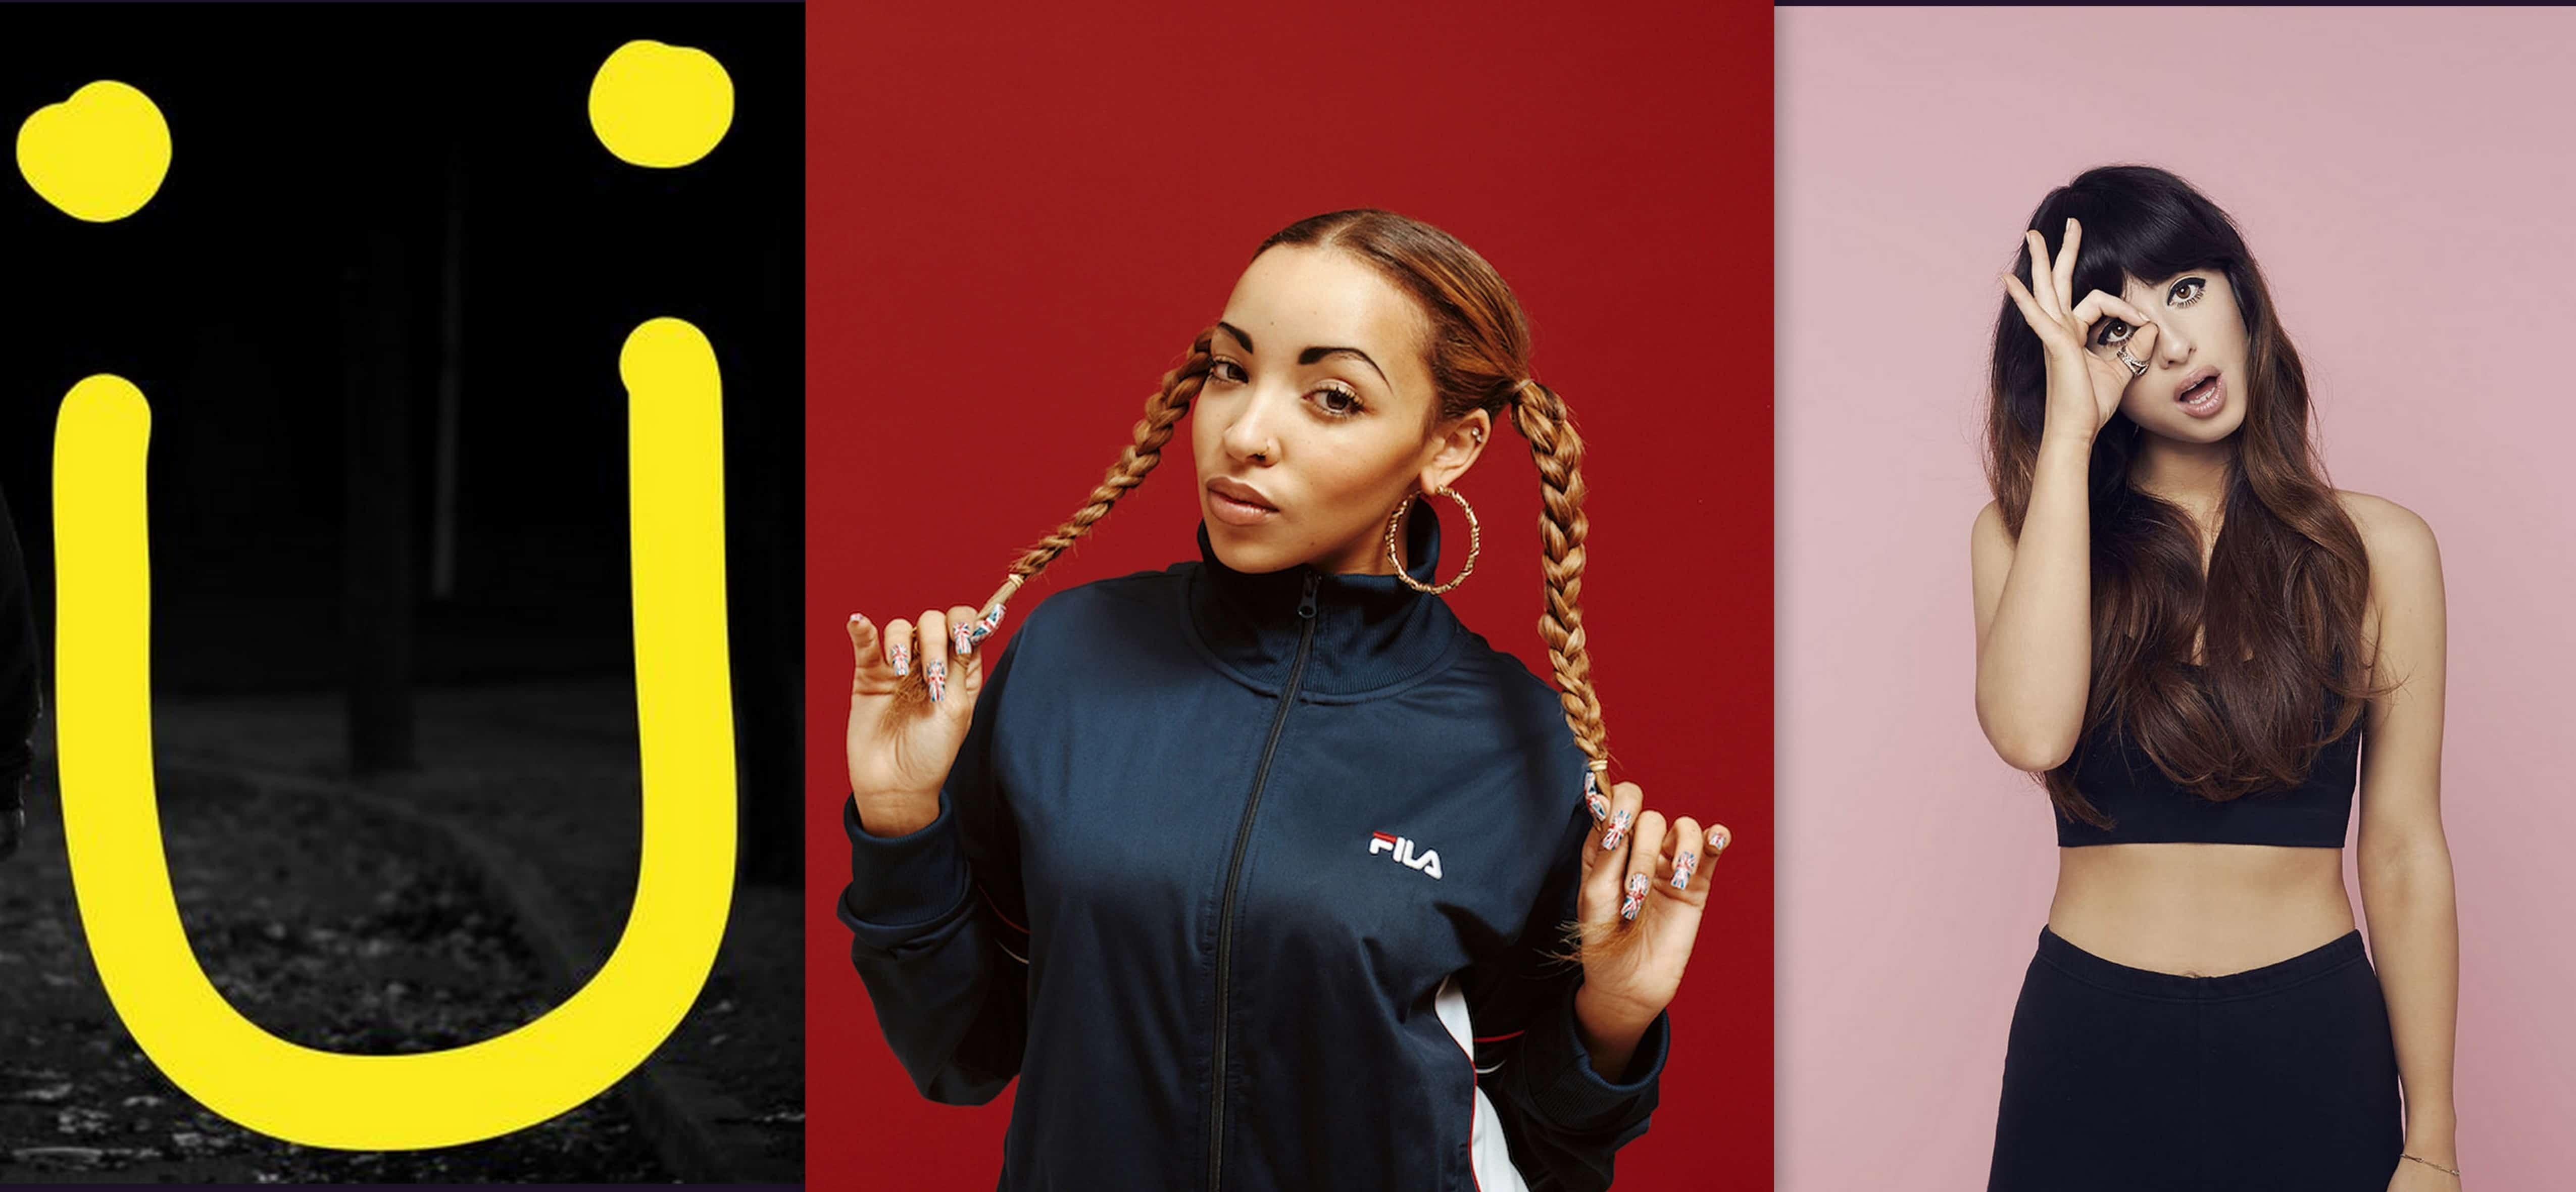 Photo of Nuova musica: video per i Jack Ü, anteprima di Tinashe e acustica di Foxes